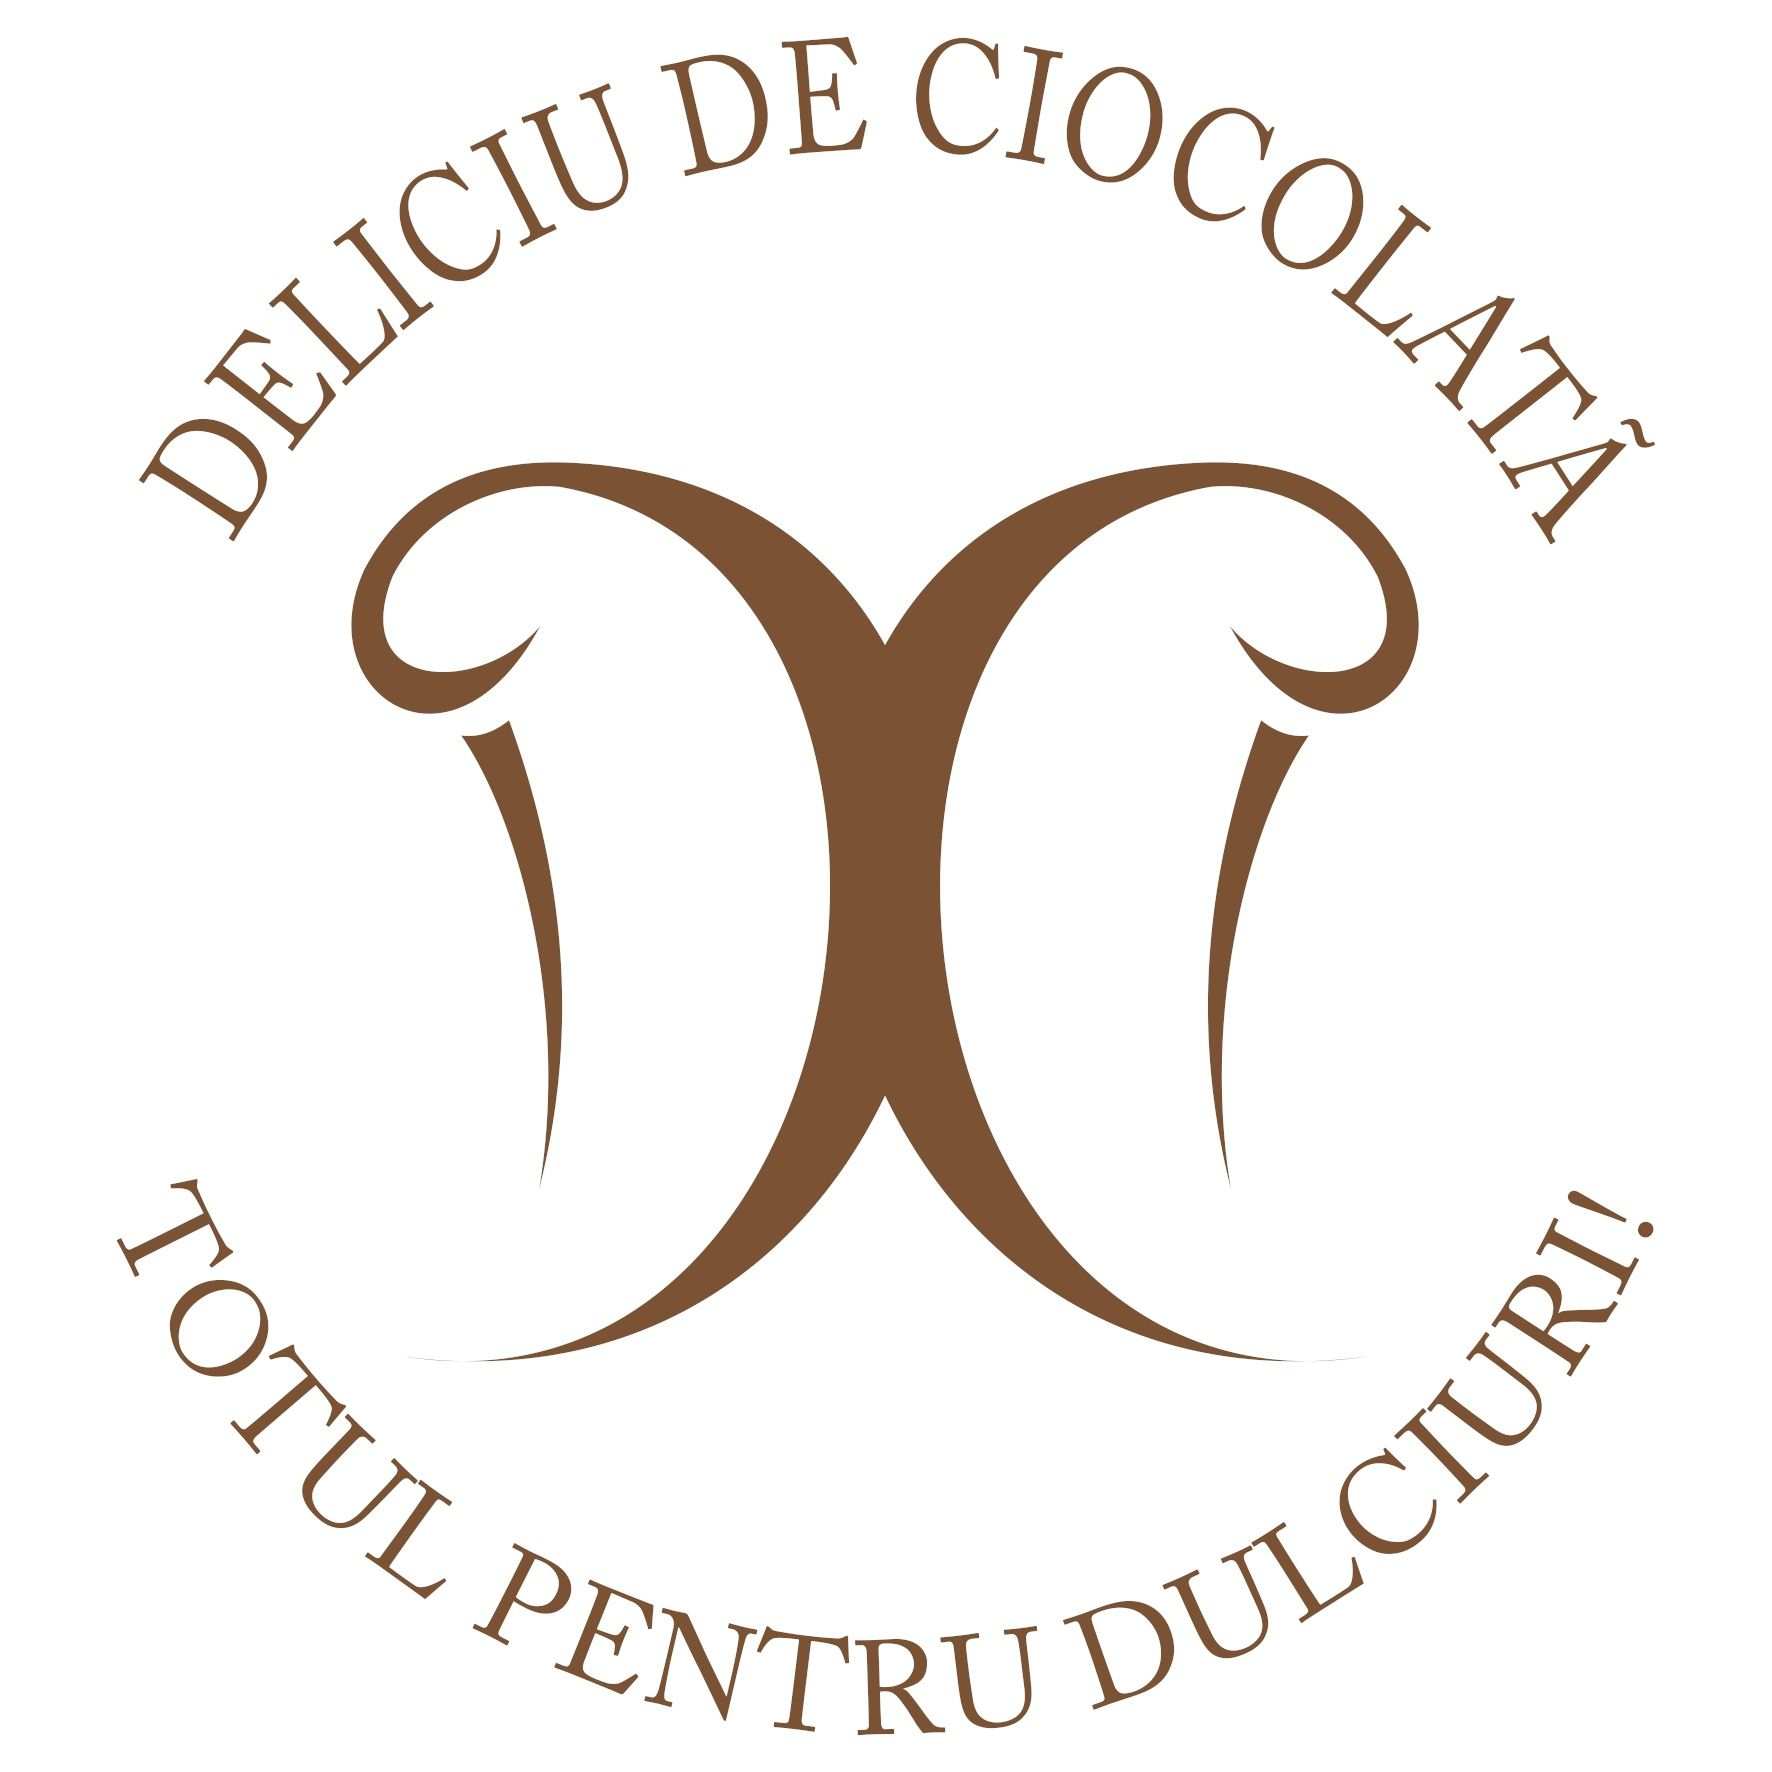 Deliciu de ciocolata cloud nine factory - DeliciuDeCiocolata logo - Cloud Nine Factory™ ⛅ Prima pagină